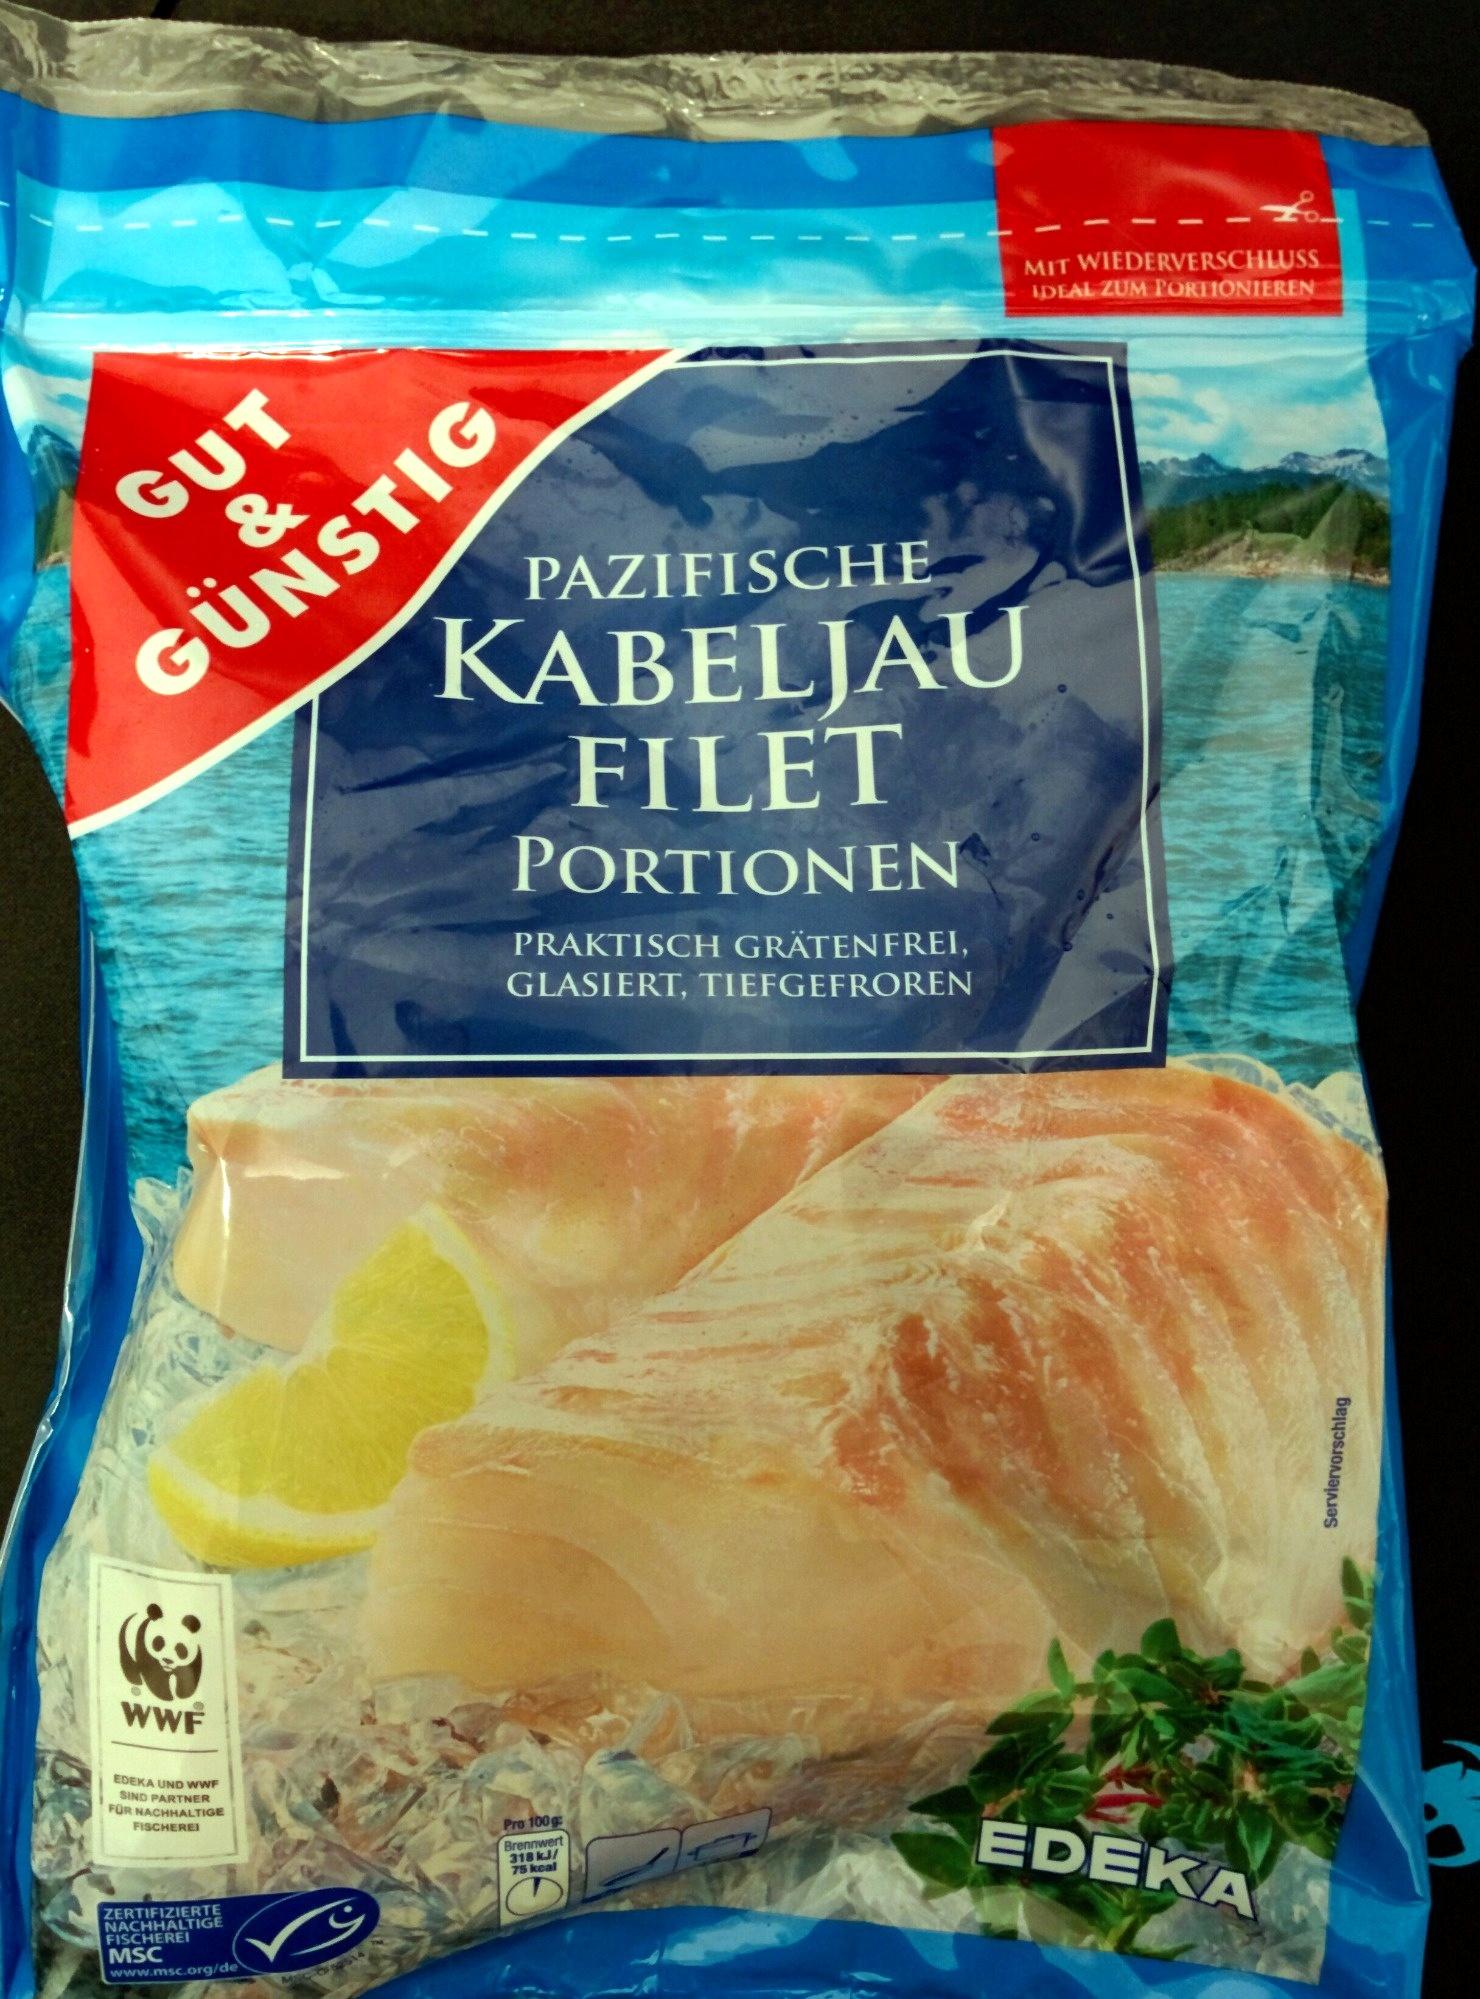 Pazifische Kabeljau Filet Portionen - Produit - de